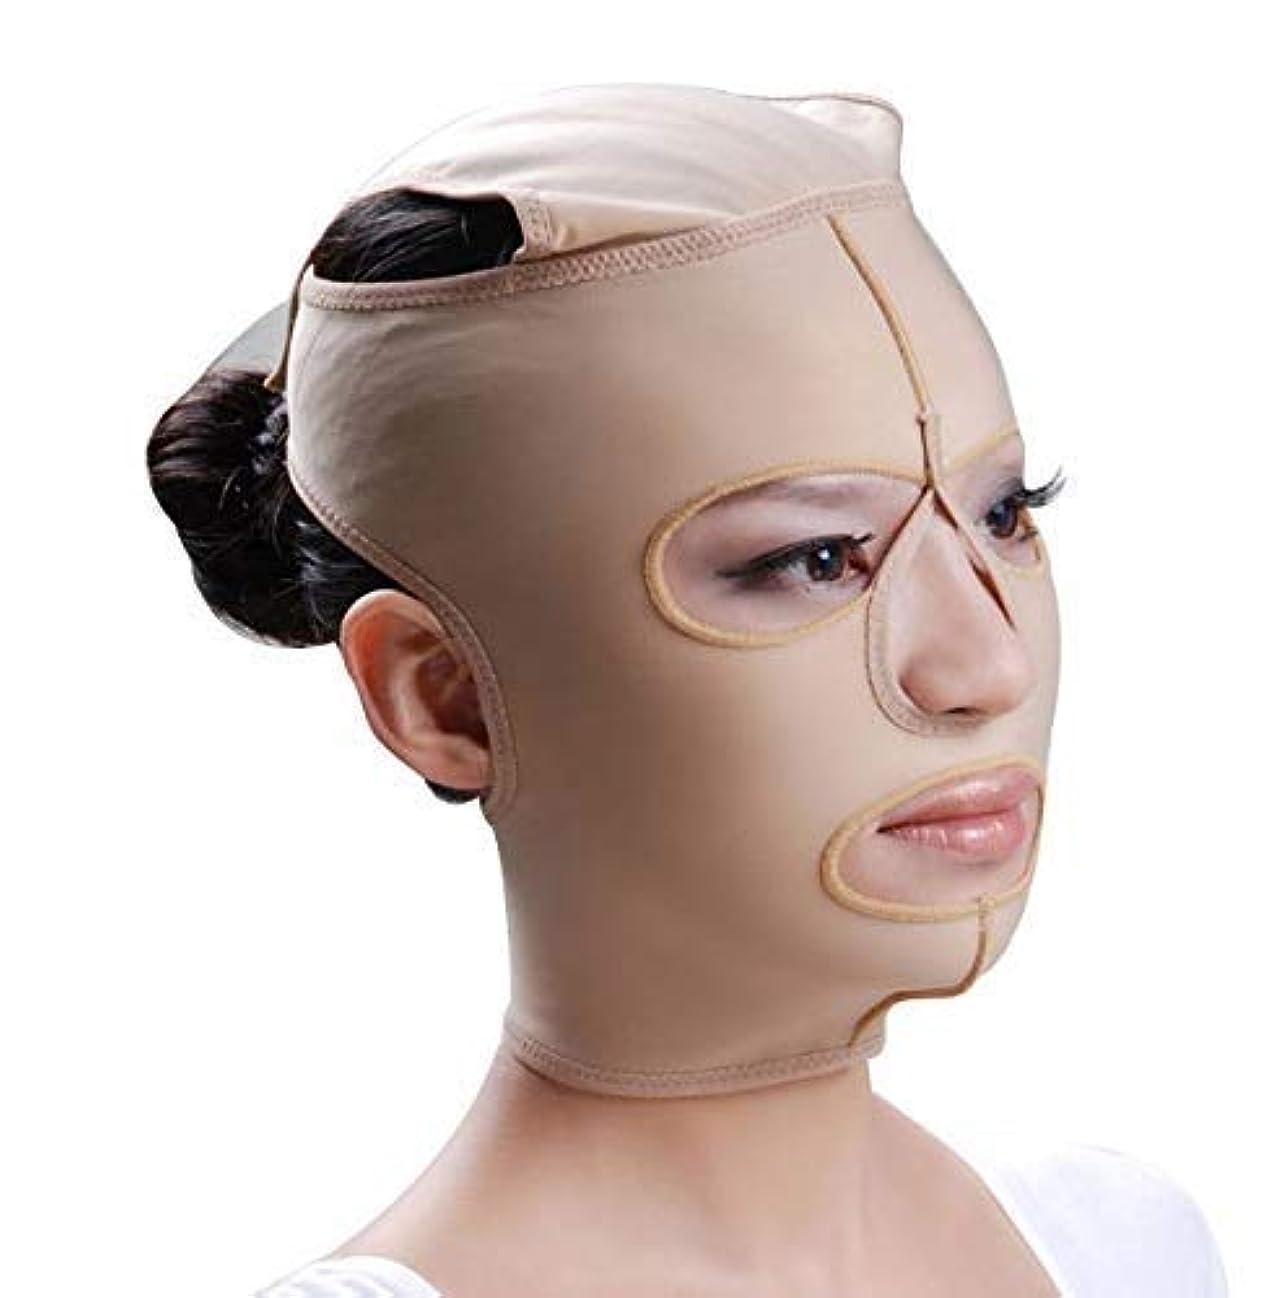 カリング動機表向きファーミングフェイスマスク、フェイシャルマスク弾性フェイスリフティングリフティングファーミングパターンマイクロフィニッシングポストモデリングコンプレッションフェイスマスク(サイズ:L)